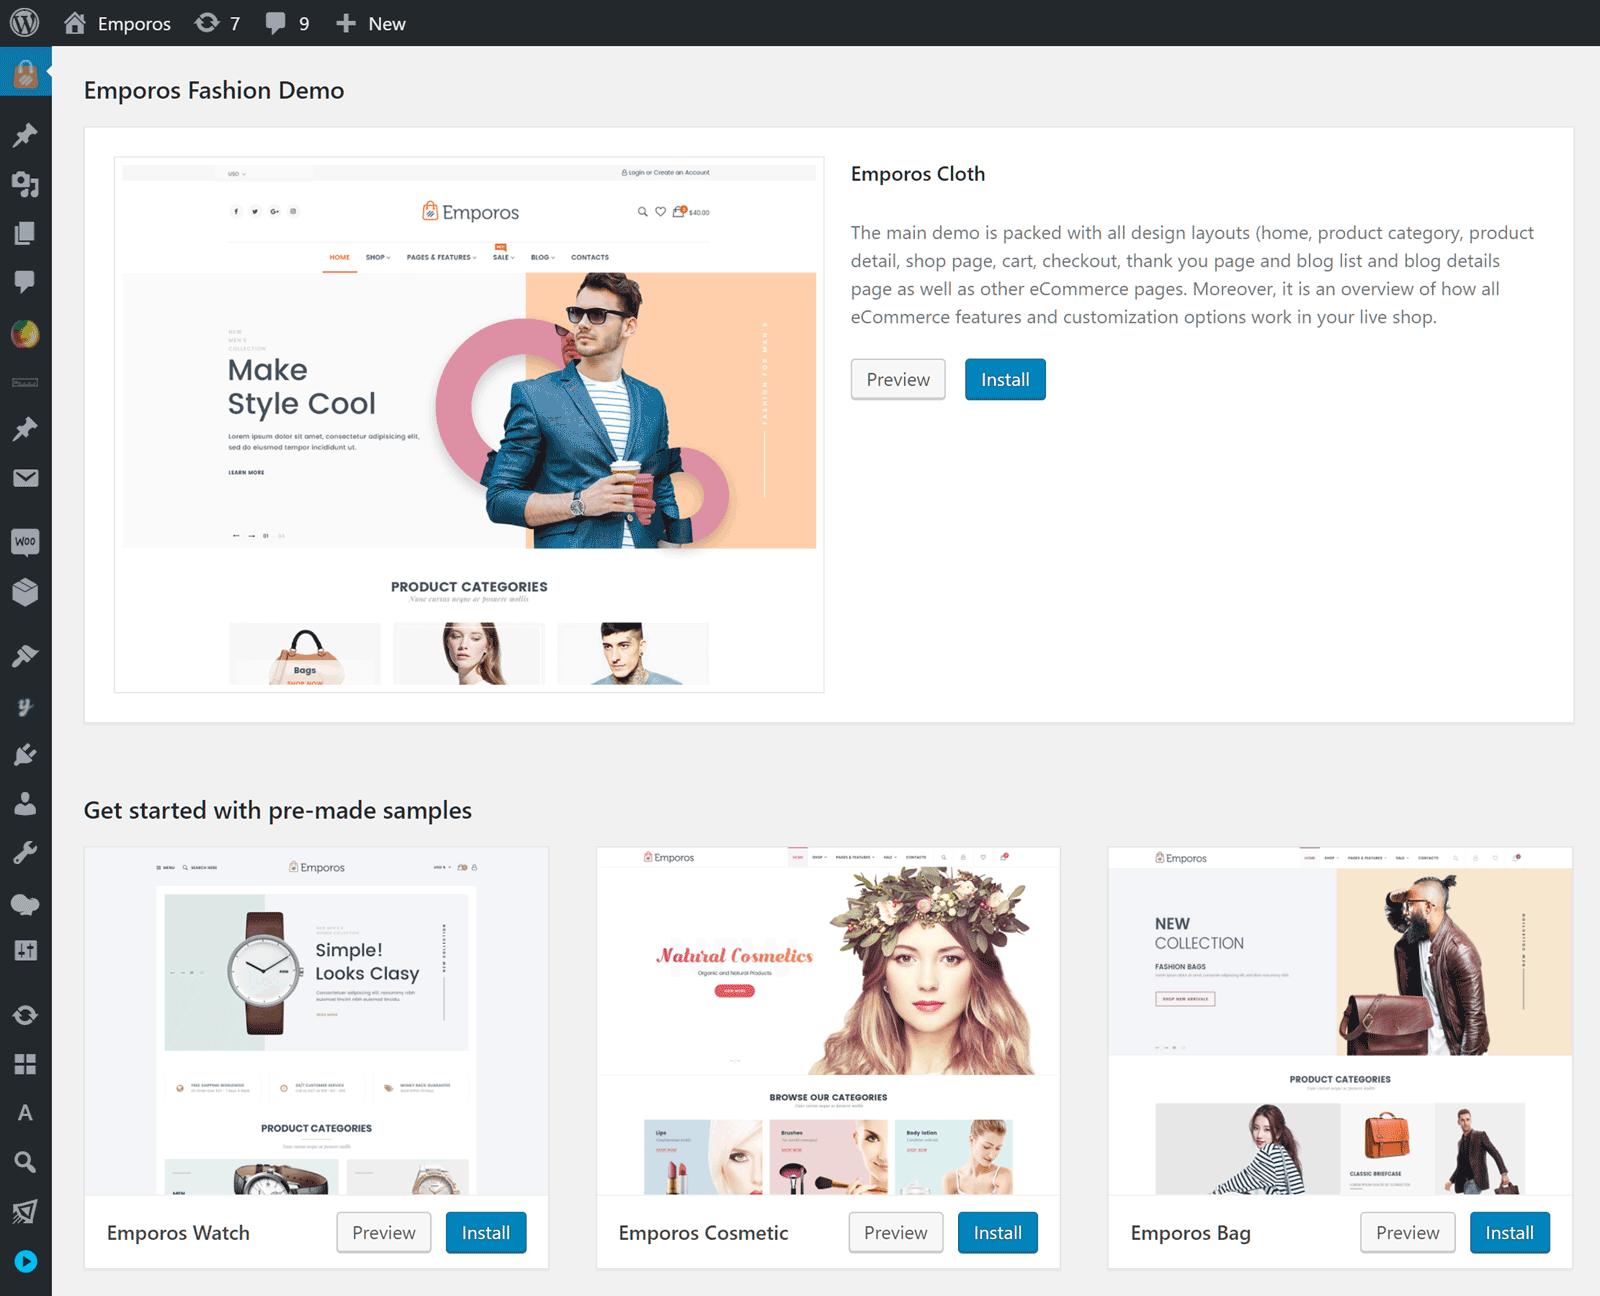 Emporos Website Demo Import